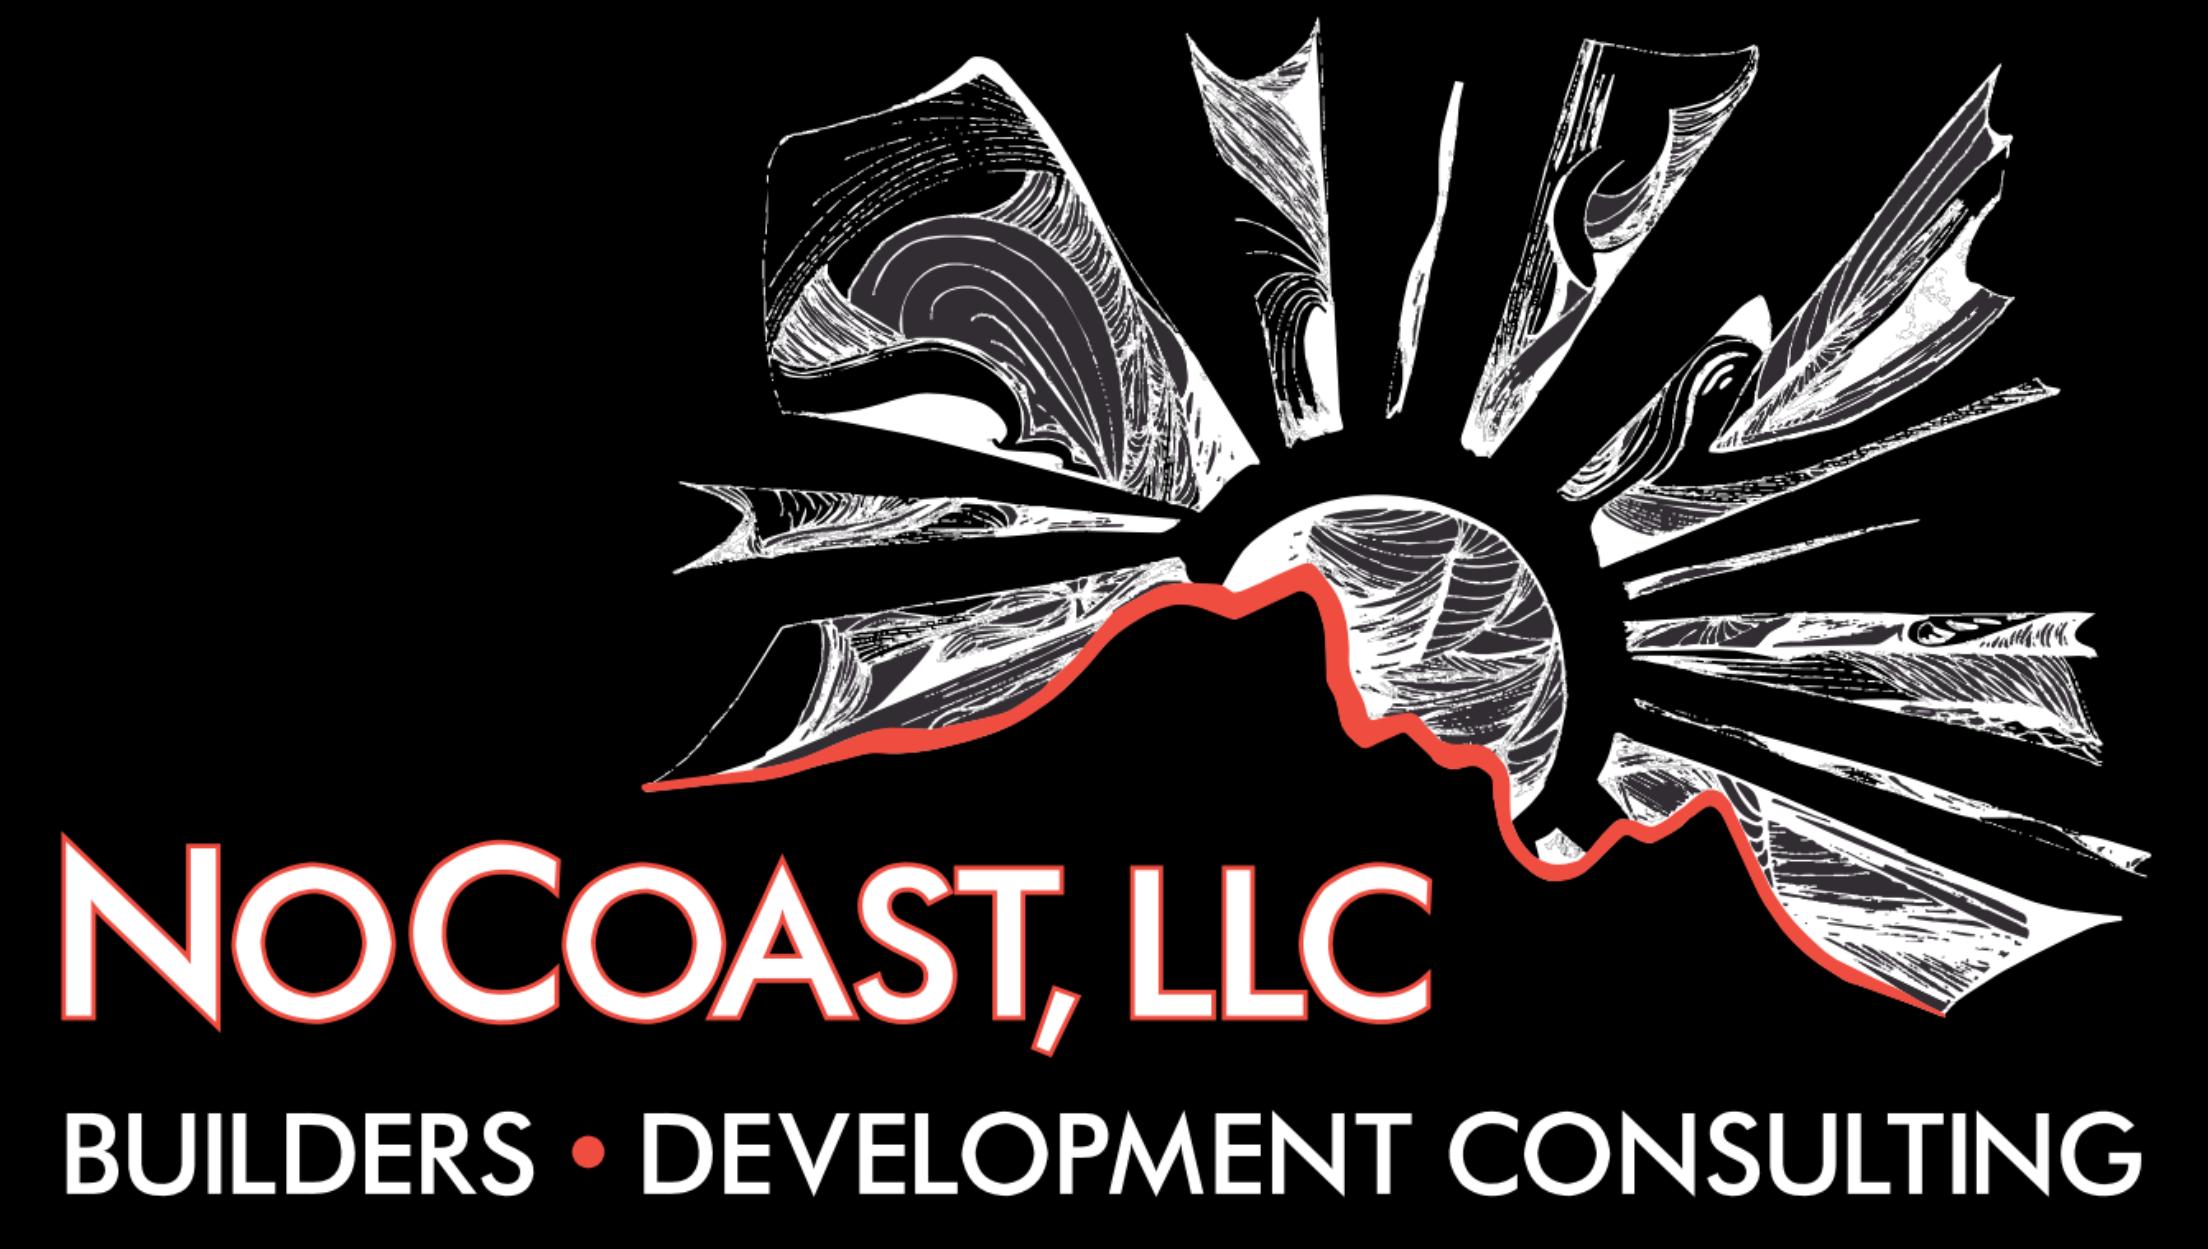 NoCoast LLC Slide Image